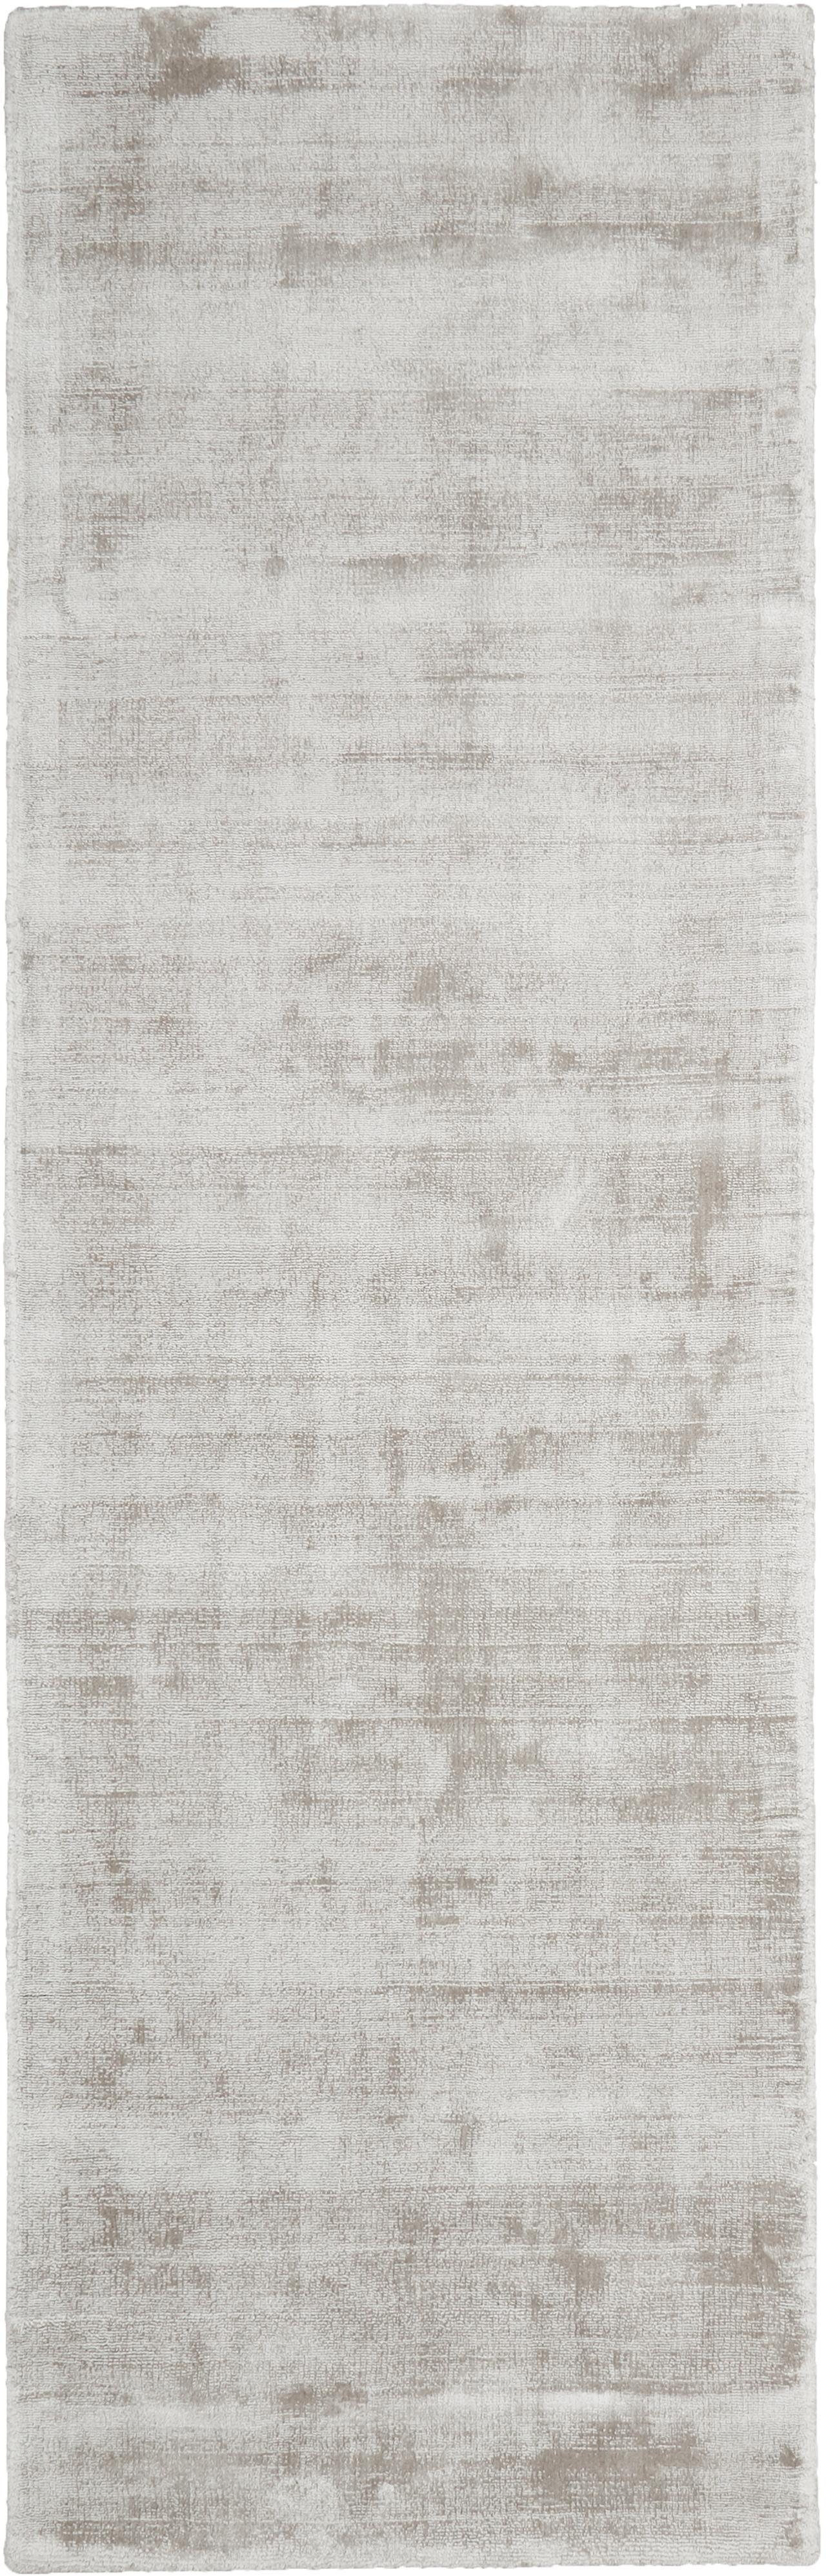 Alfombra artesanal de viscosa Jane, Parte superior: 100%viscosa, Reverso: 100%algodón, Gris claro, beige, An 80 x L 250 cm